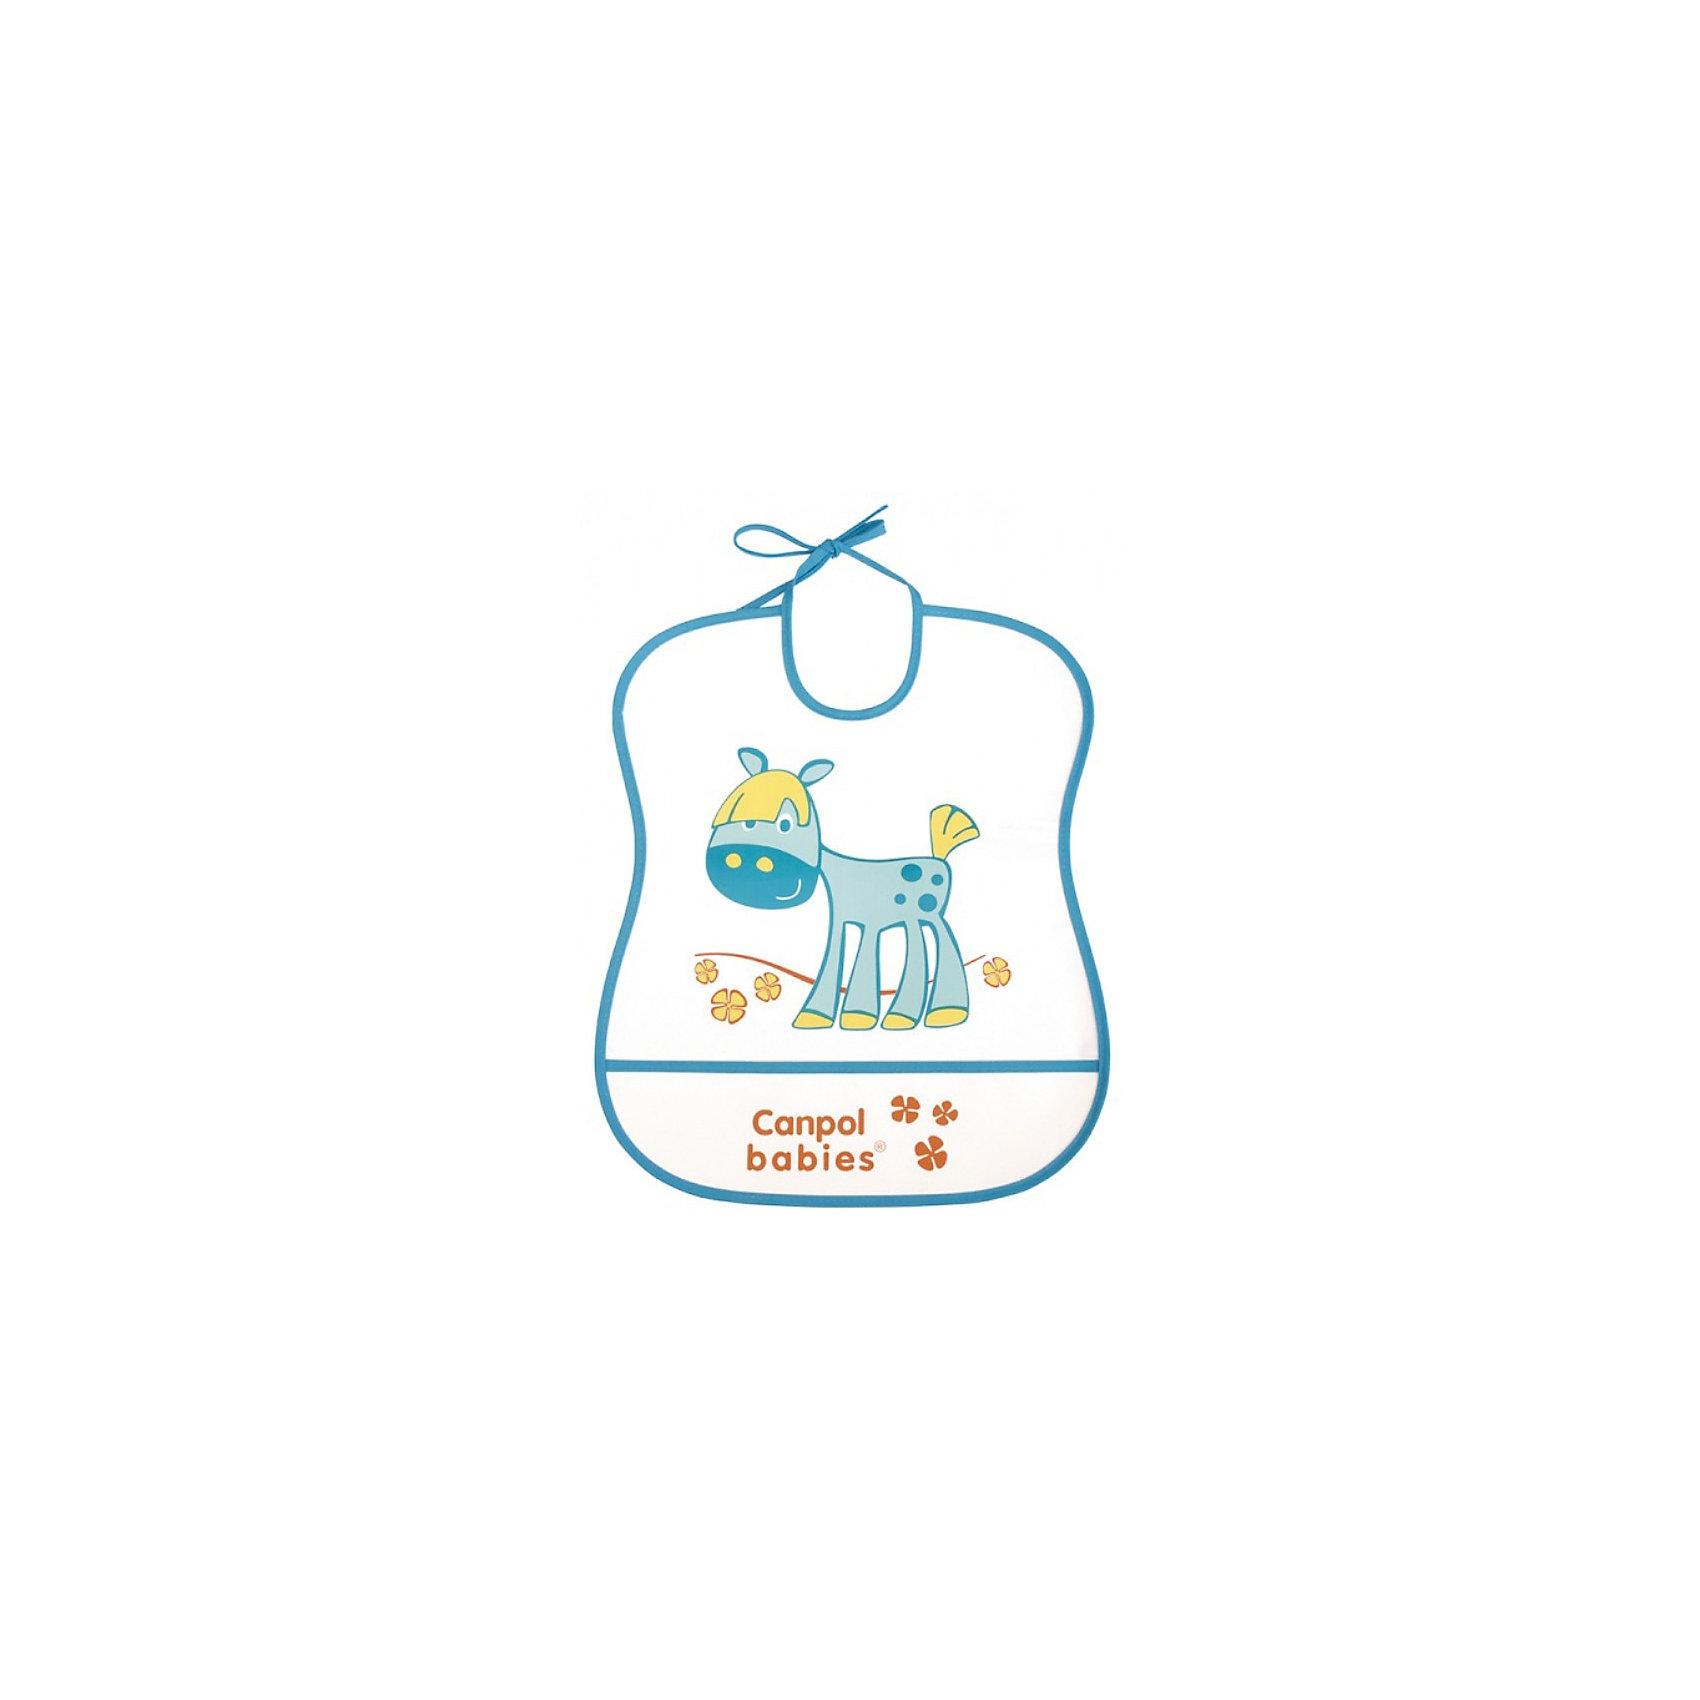 Пластмассовый мягкий нагрудник Лошадка, Canpol BabiesНагрудники и салфетки<br>Пластмассовый мягкий нагрудник от Canpol  Babies поможет защитить одежду ребенка во время кормления. Имеется карман, в который будут попадать упавшие кусочки пищи. Нагрудник легко моется горячей водой с мылом. <br>Дополнительная информация:<br>- Материал: ПЭВА пленка.<br>- Размер упаковки: 35,5 х 20 х 0,3 см.<br>- Вес: 31,7 гр.<br>Пластмассовый мягкий нагрудник, Canpol Babies можно купить в нашем интернет-магазине.<br><br>Ширина мм: 355<br>Глубина мм: 200<br>Высота мм: 3<br>Вес г: 32<br>Возраст от месяцев: 0<br>Возраст до месяцев: 36<br>Пол: Унисекс<br>Возраст: Детский<br>SKU: 3893863